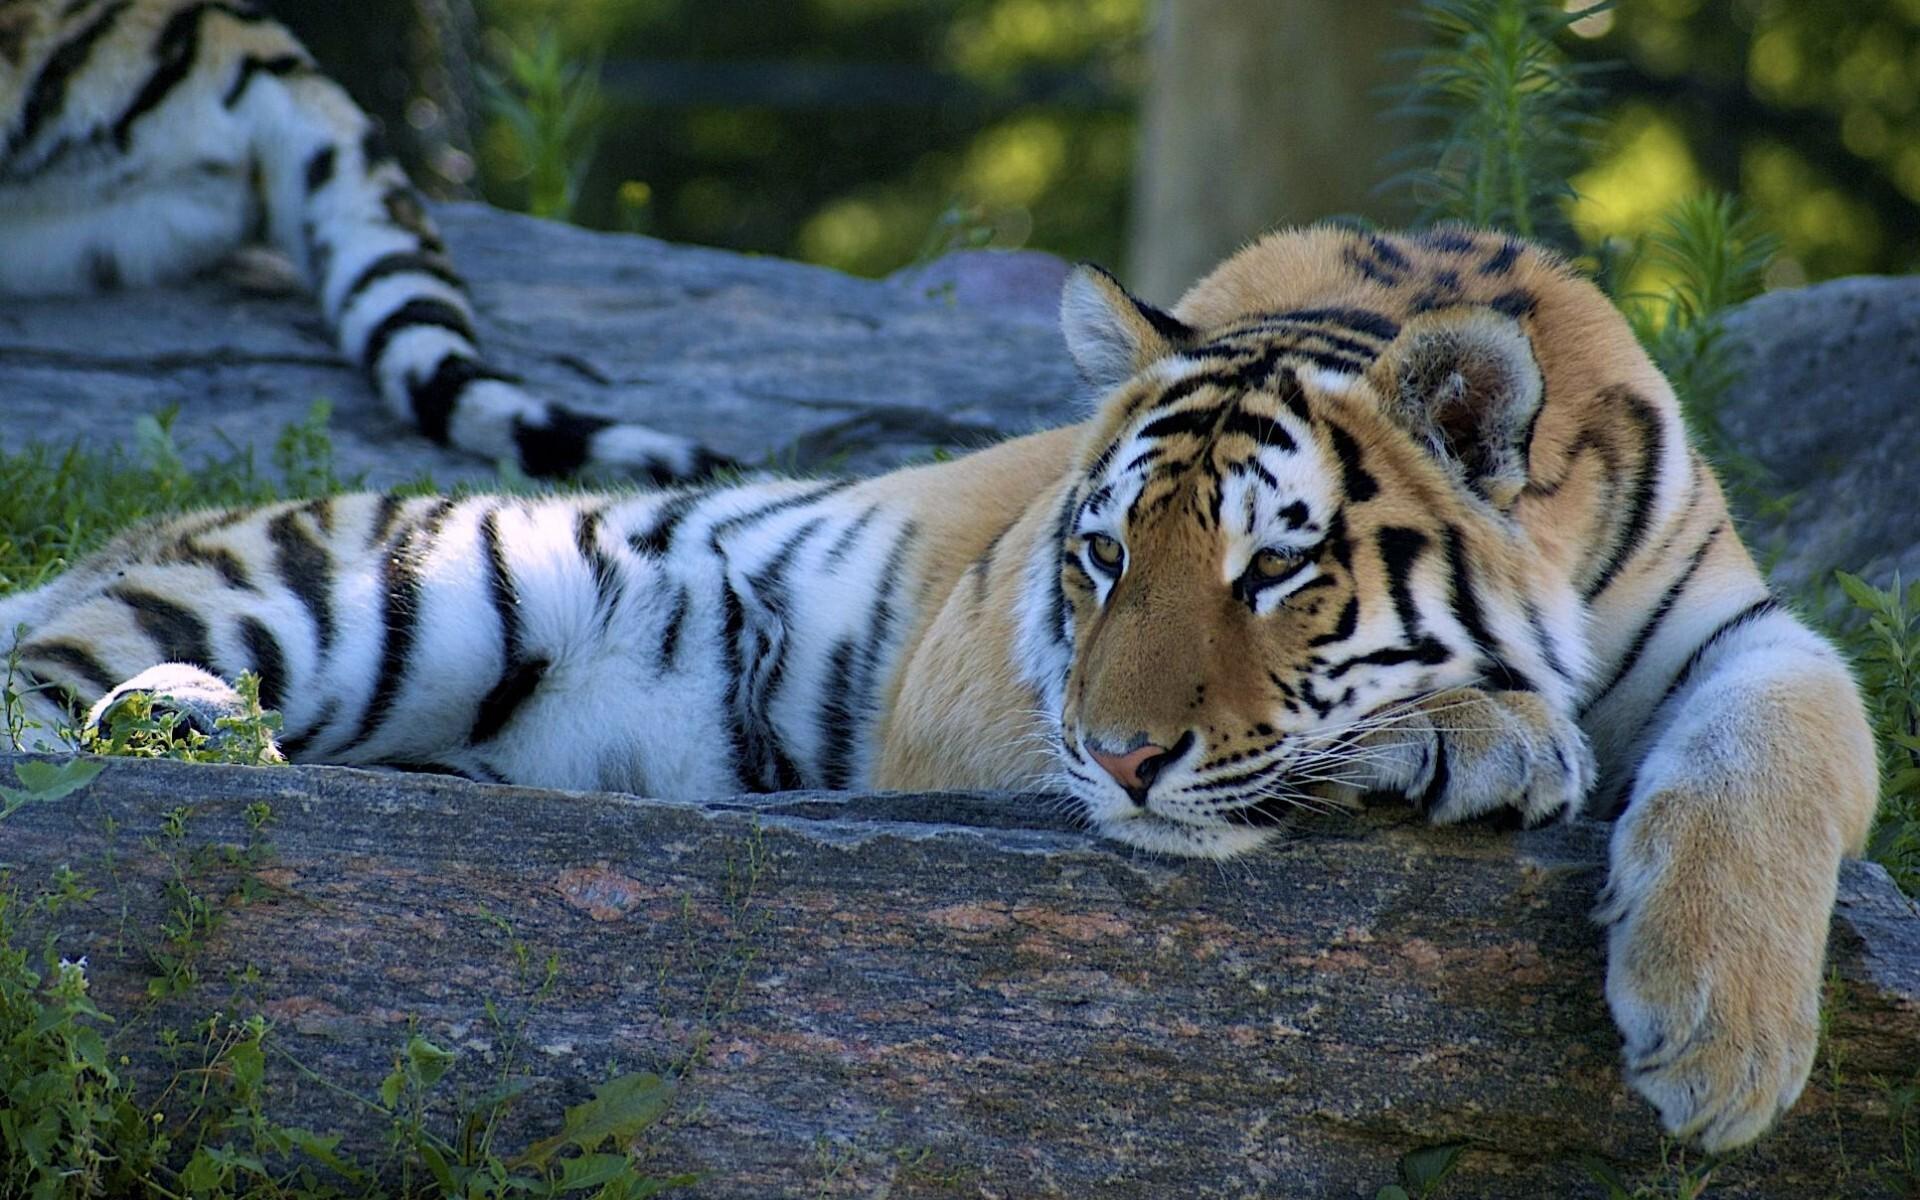 Best Tiger HD Desktop Background